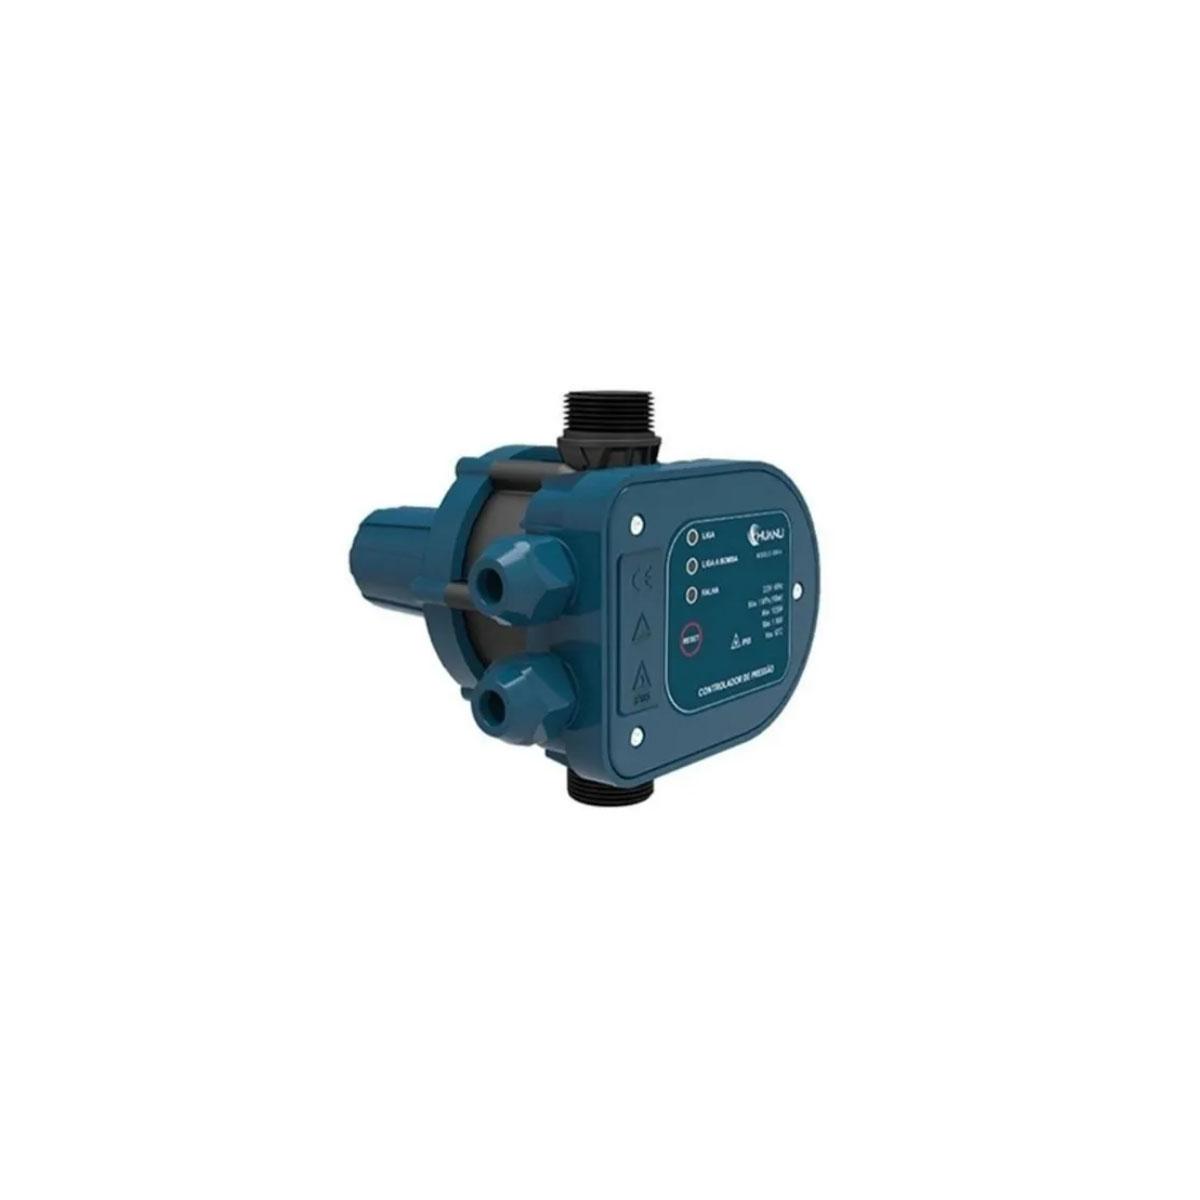 Controlador de Pressão Automática DSK-4 220V Lepono